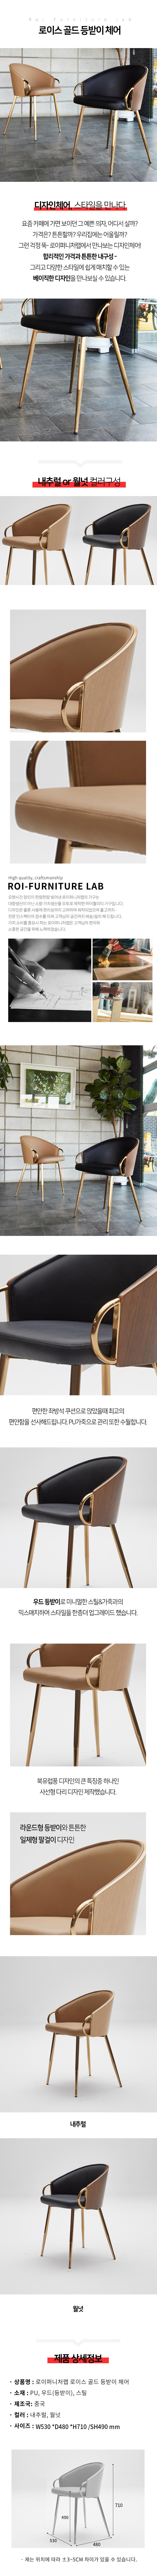 로이퍼니처랩 로이스 골드 등받이 체어 - 로이퍼니처랩, 104,000원, 디자인 의자, 인테리어의자